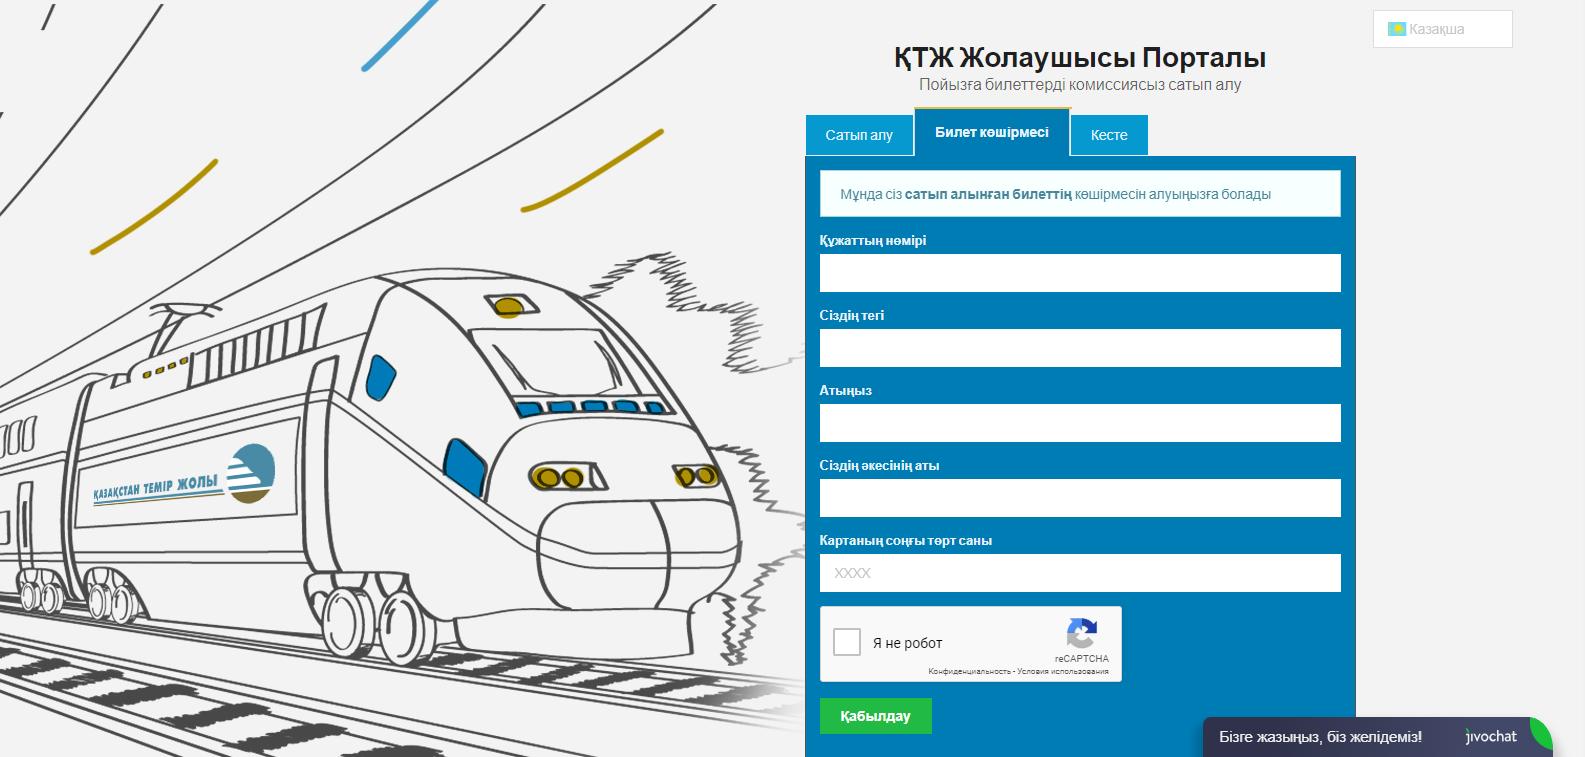 Национальный перевозчик запустил новую услугу по онлайн продаже ж/д билетов для лиц с ограниченными возможностями